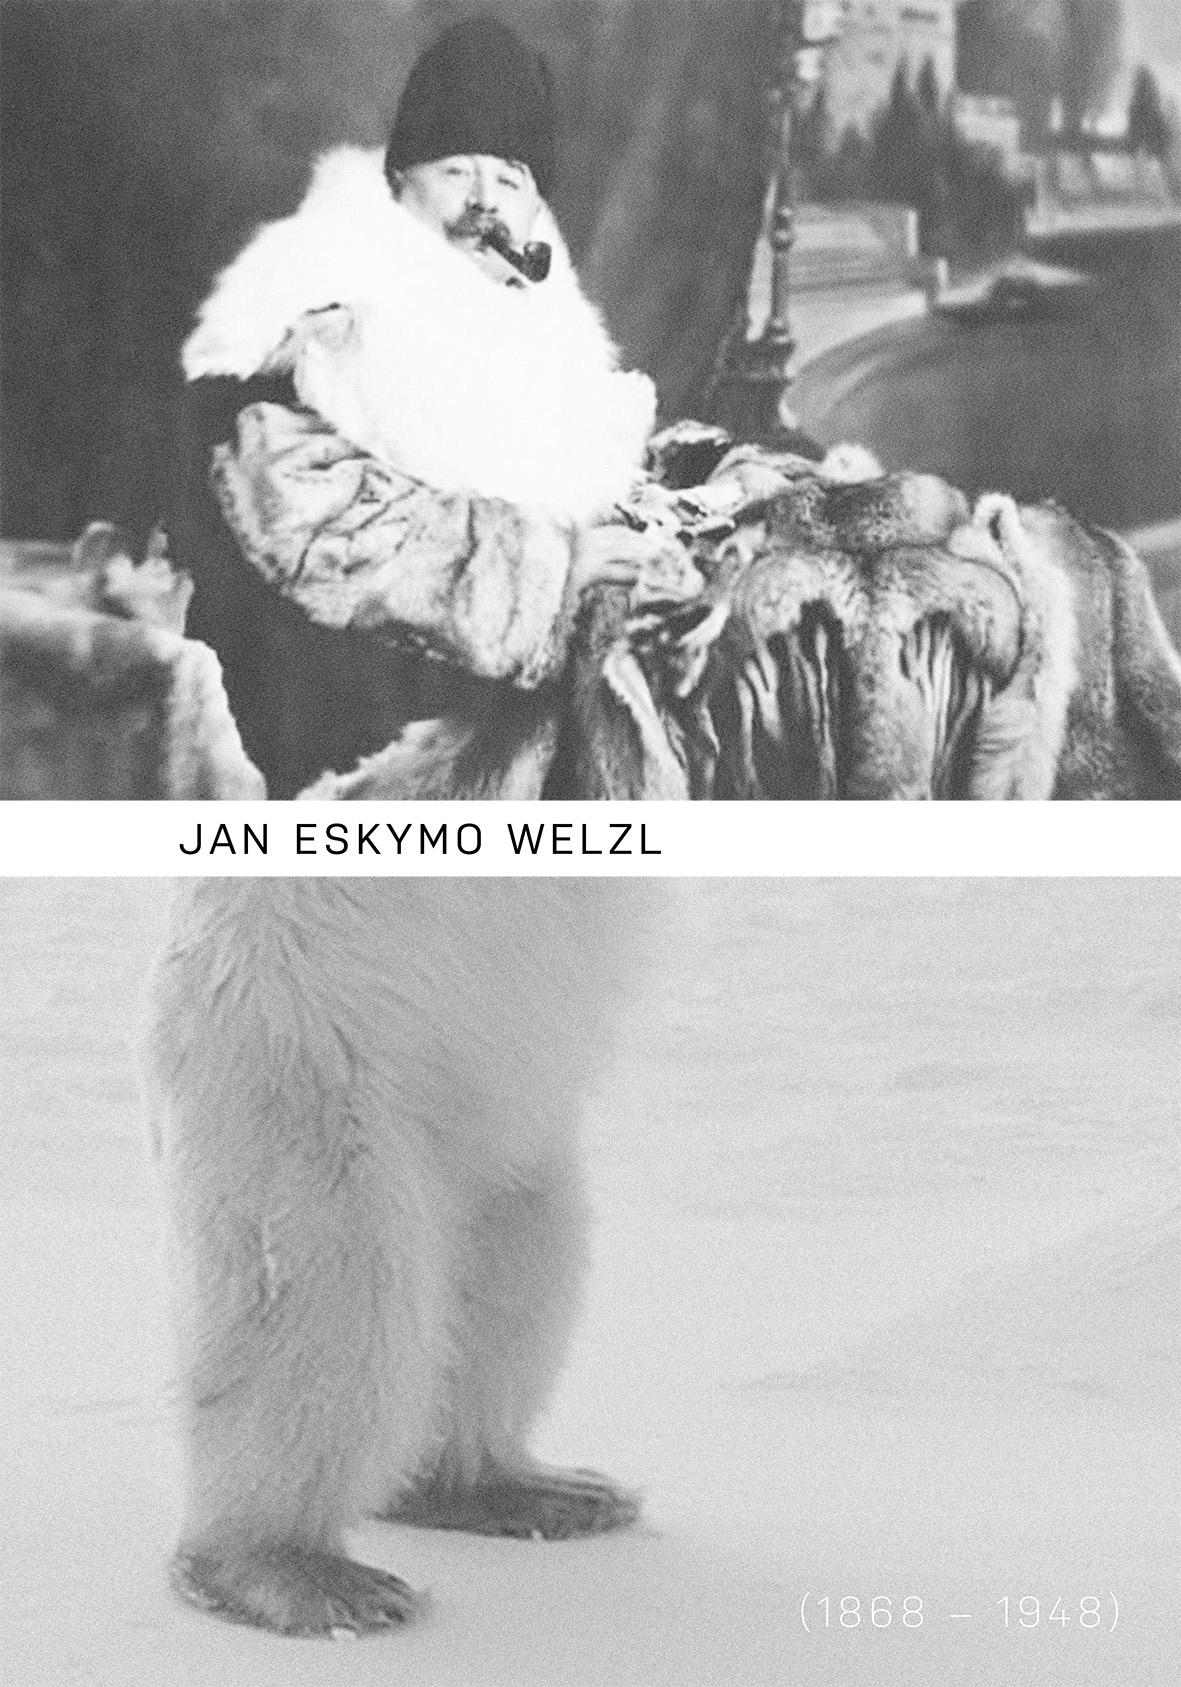 maturitní práce | 2018<br>plakát k výročí Eskymo Welzl